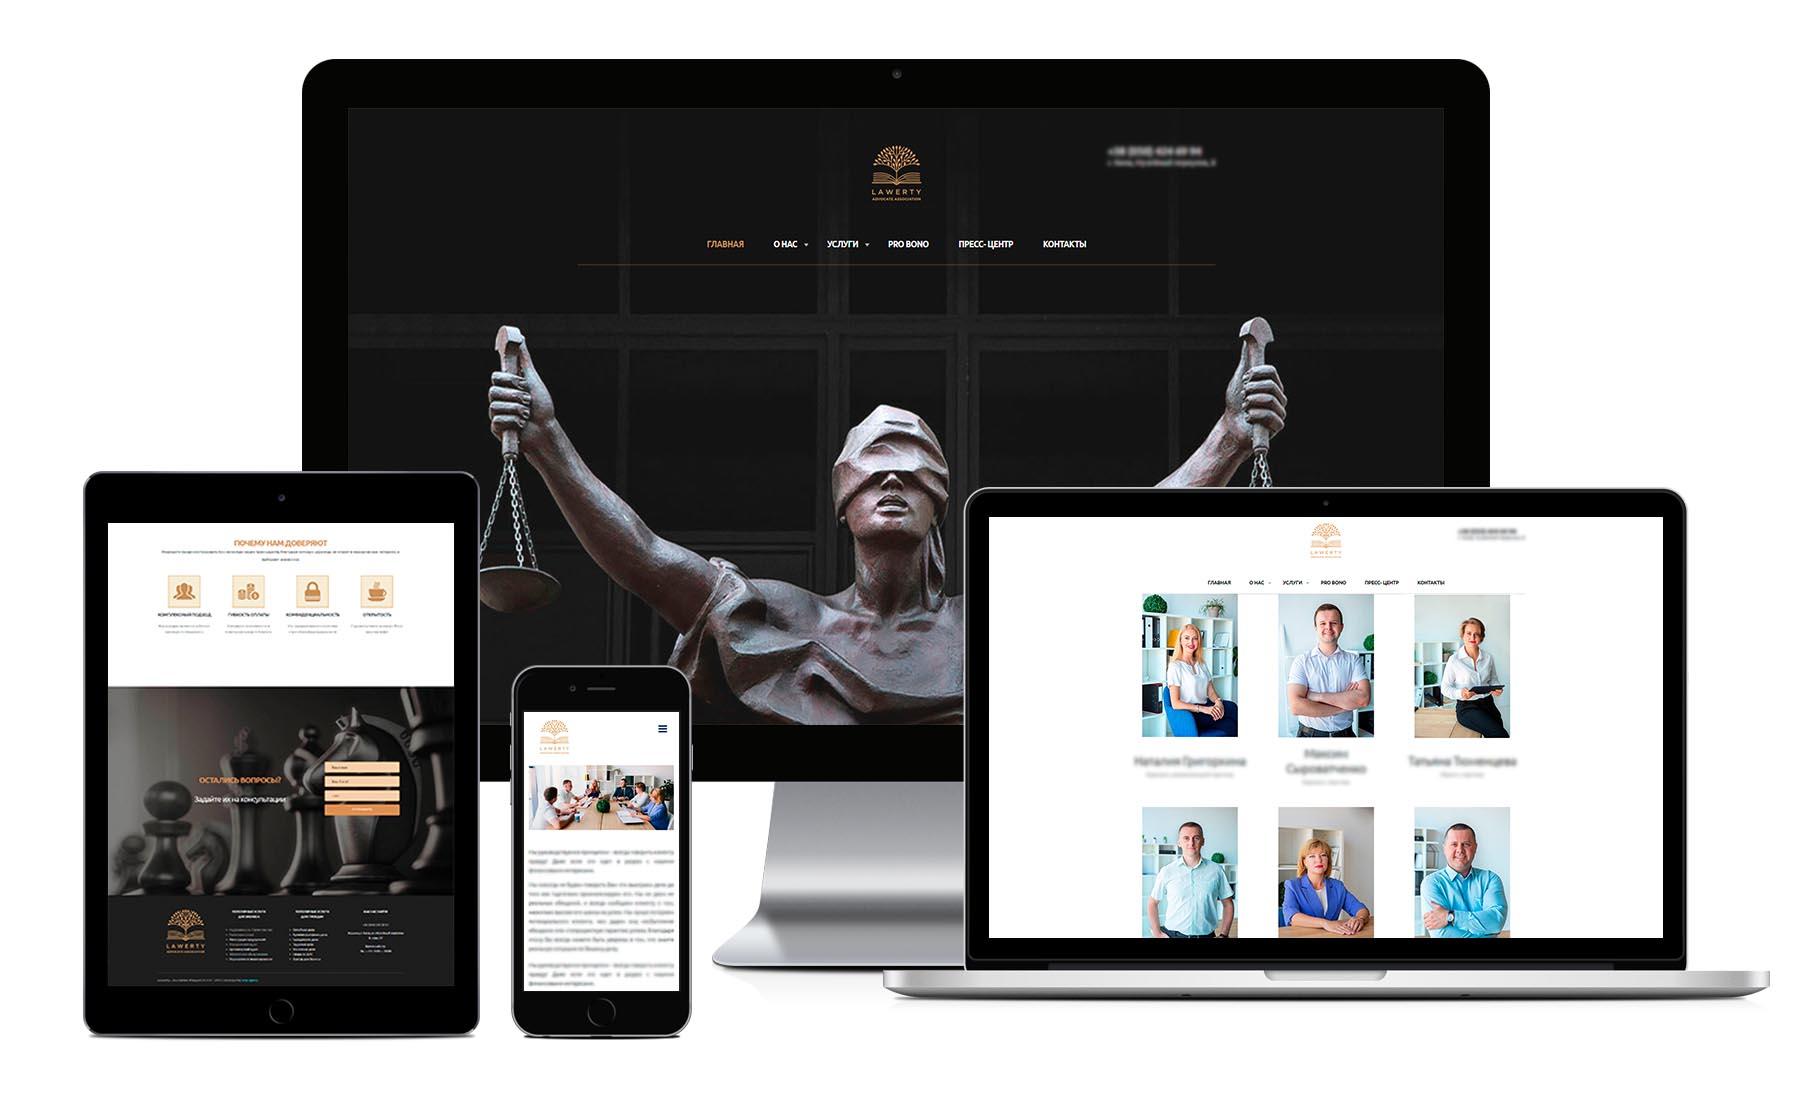 кейс сайта юридической компании Lawerty - адаптивный дизайн